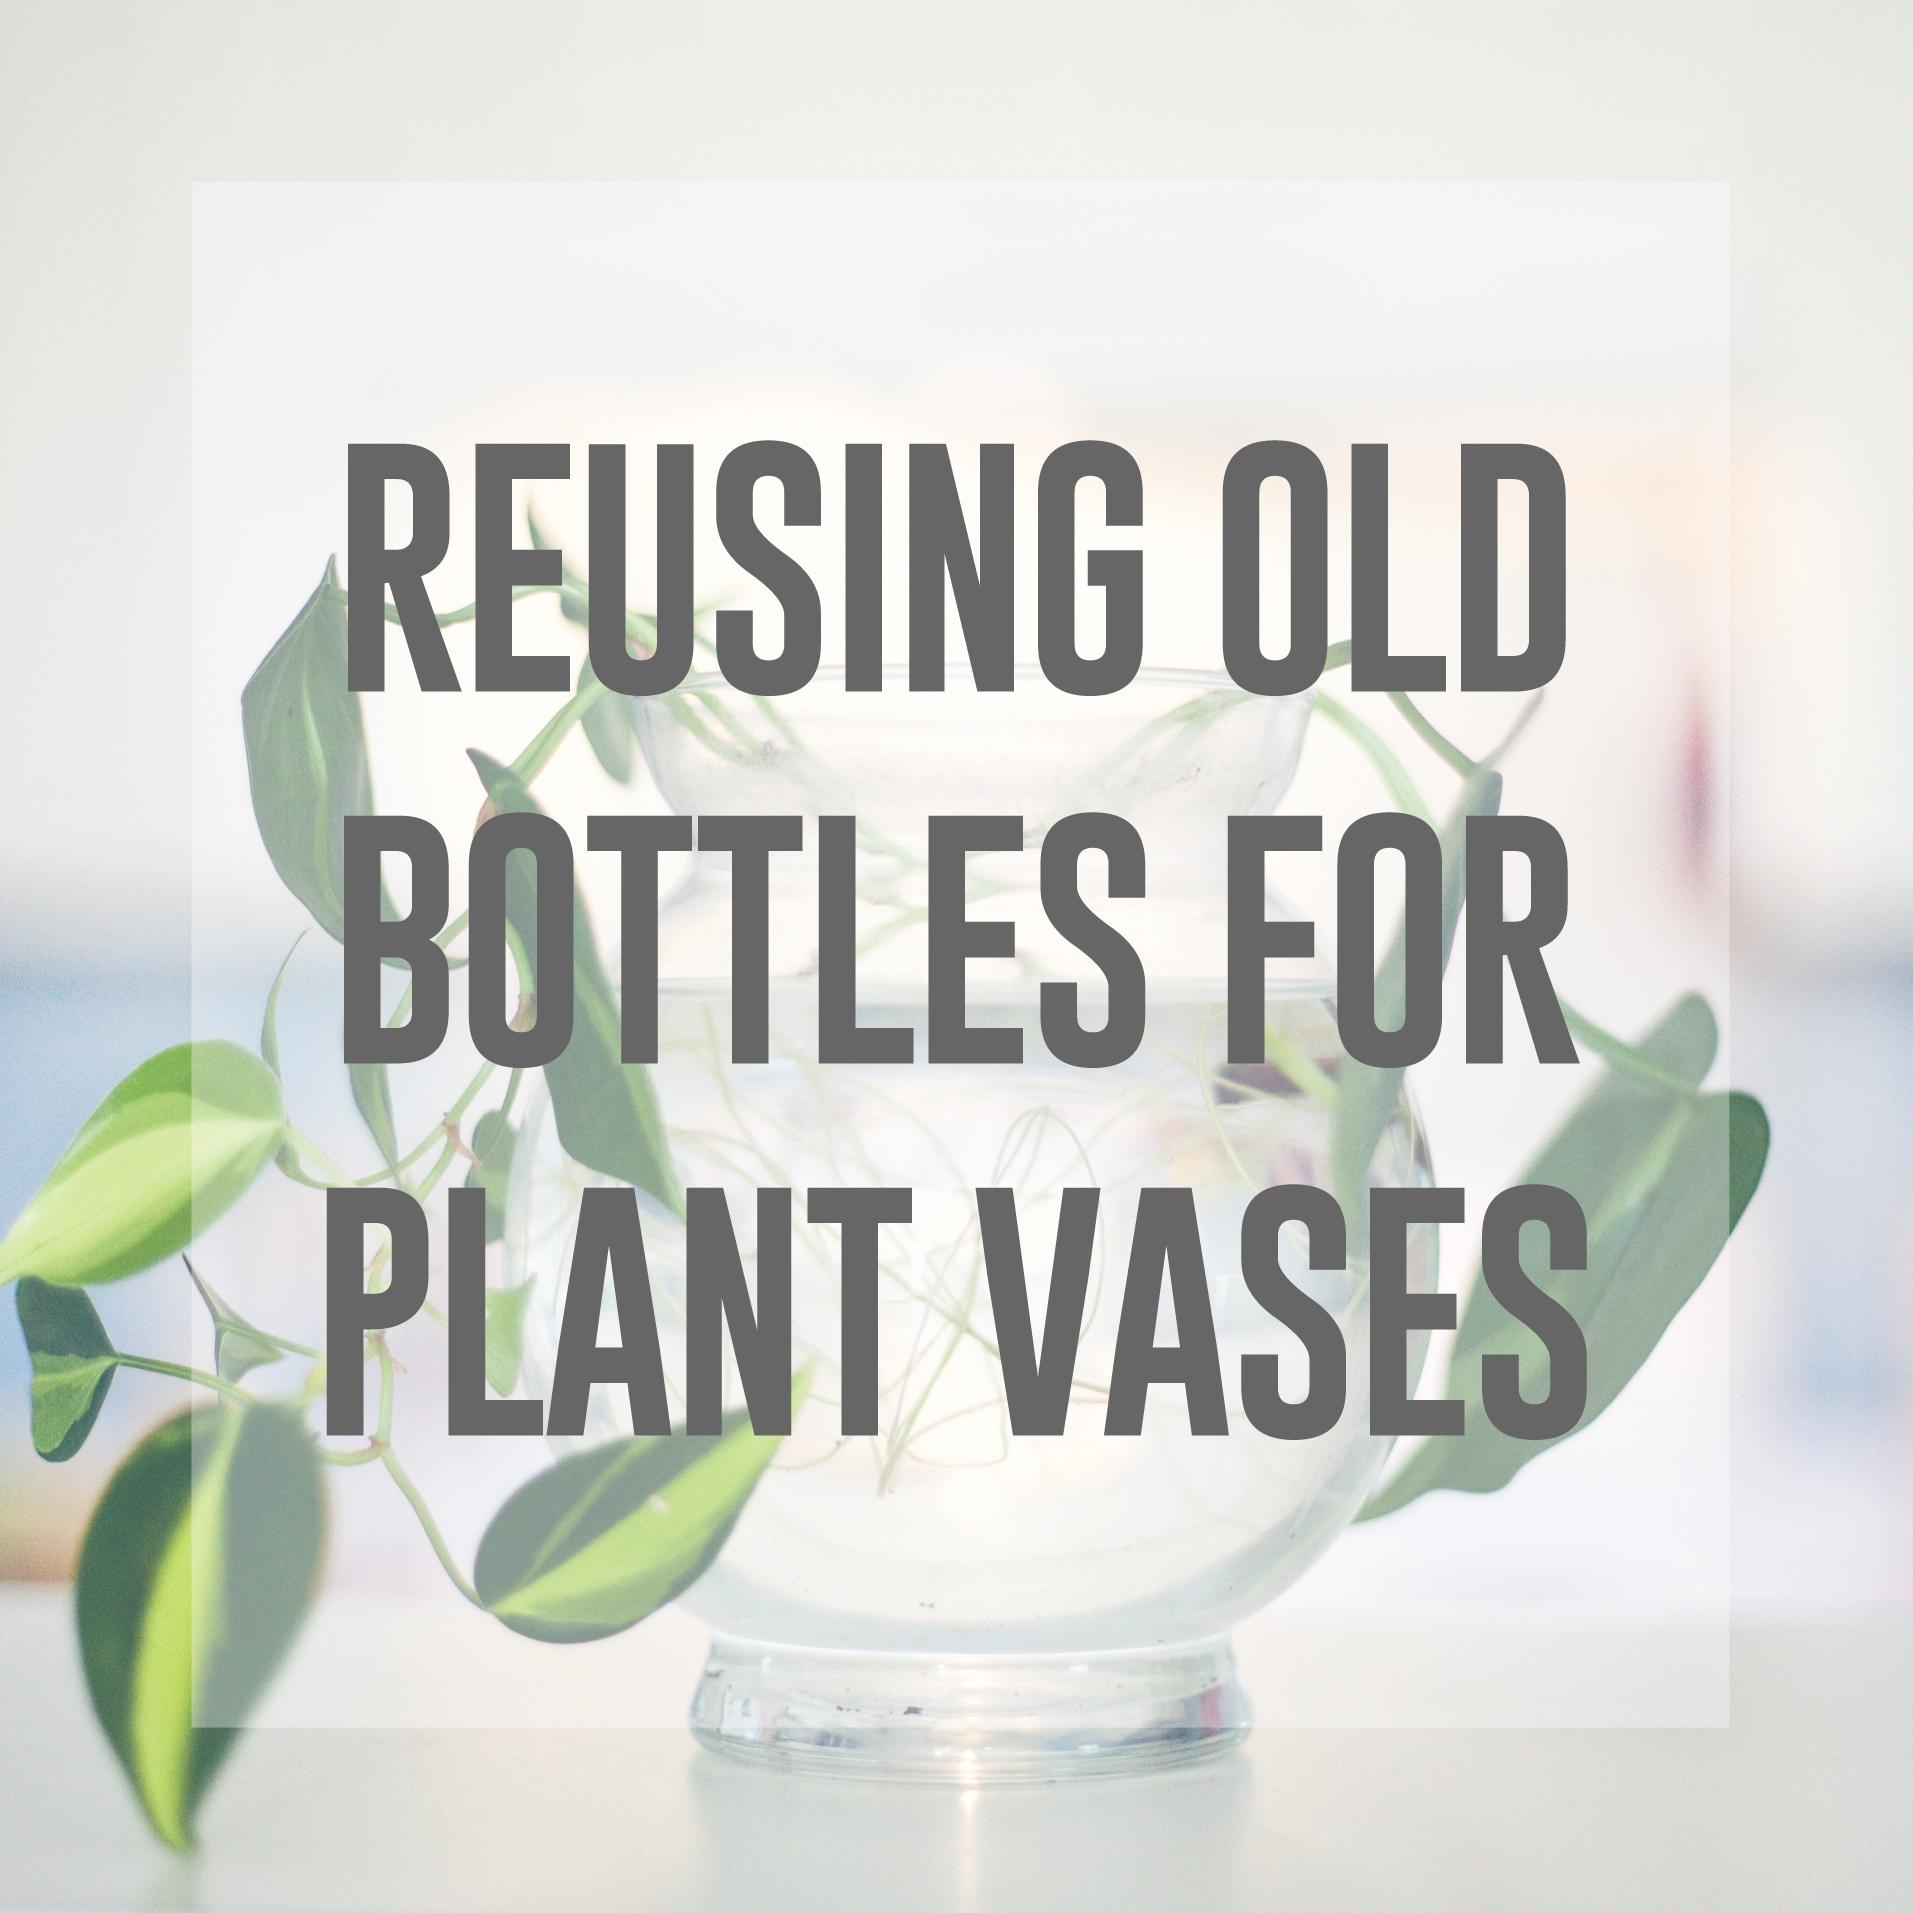 bottles-as-vases_header-image.jpg